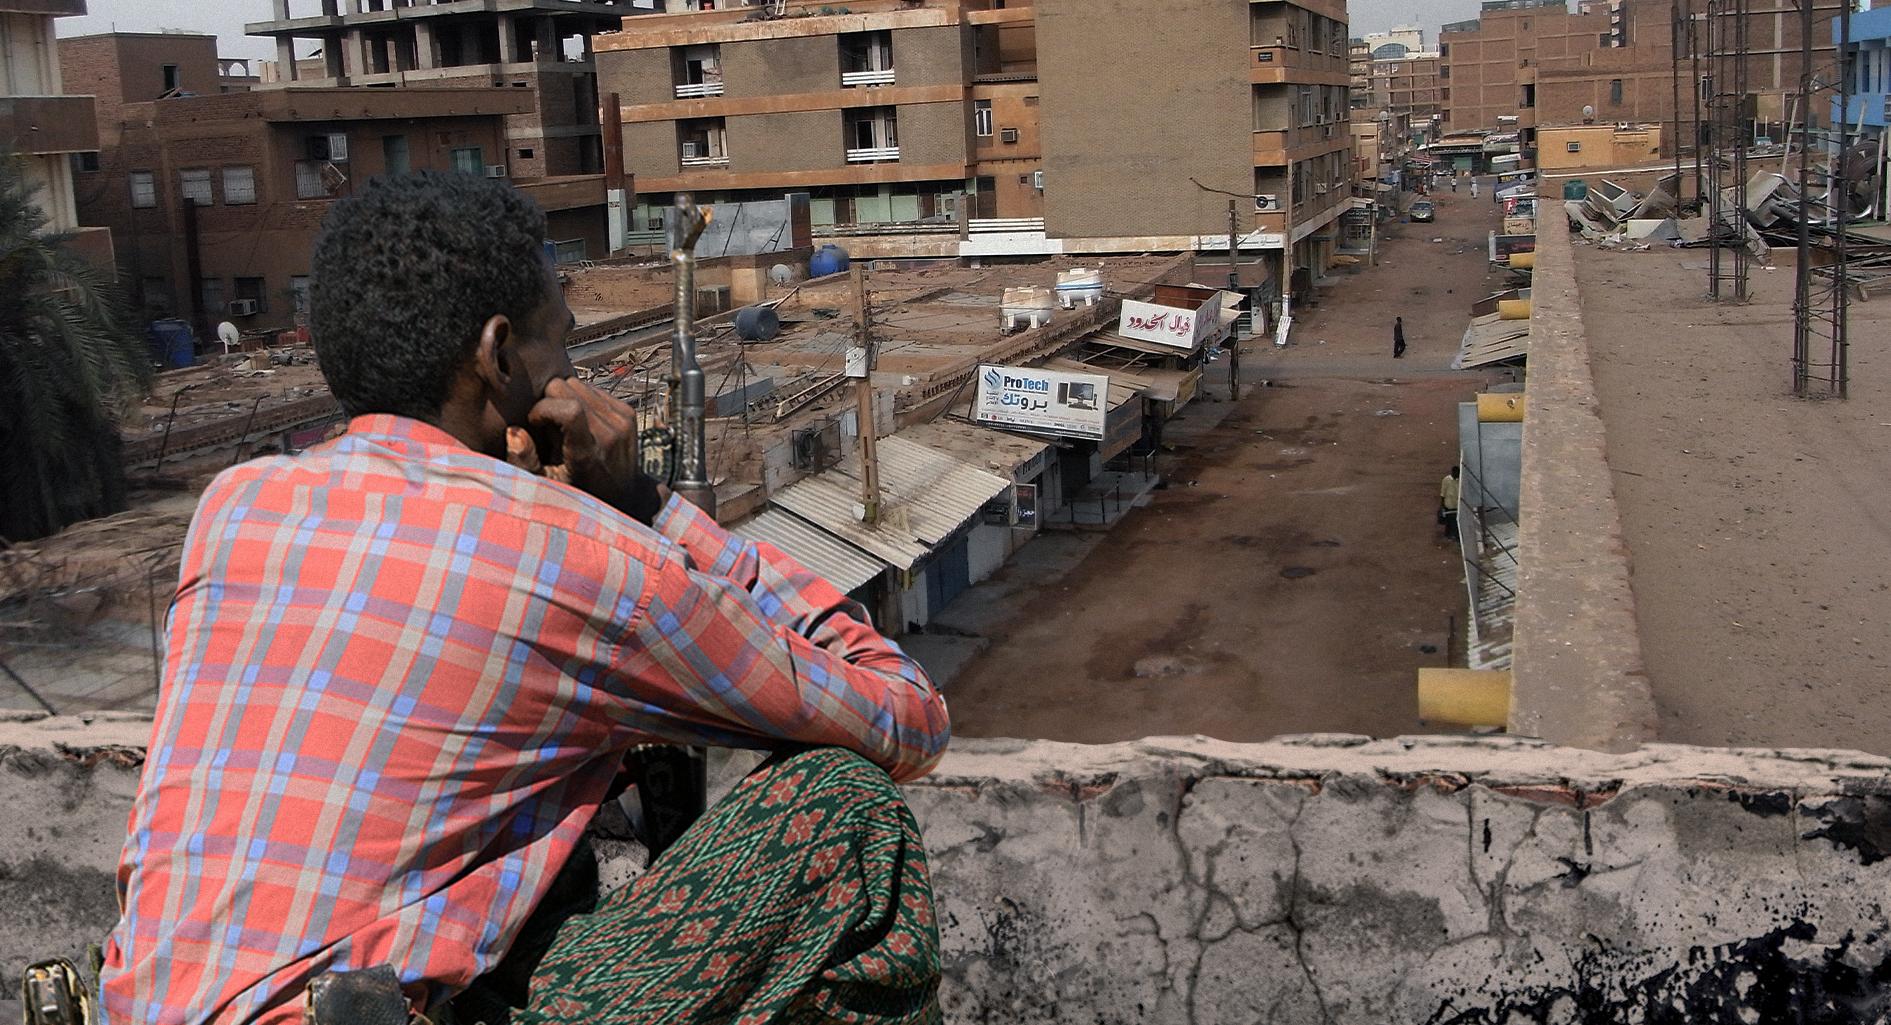 صورة المجلس العسكري السوداني يحظر التجول على المواطنين كي لا يضطر المجهولون على أسطح البنايات لقتلهم